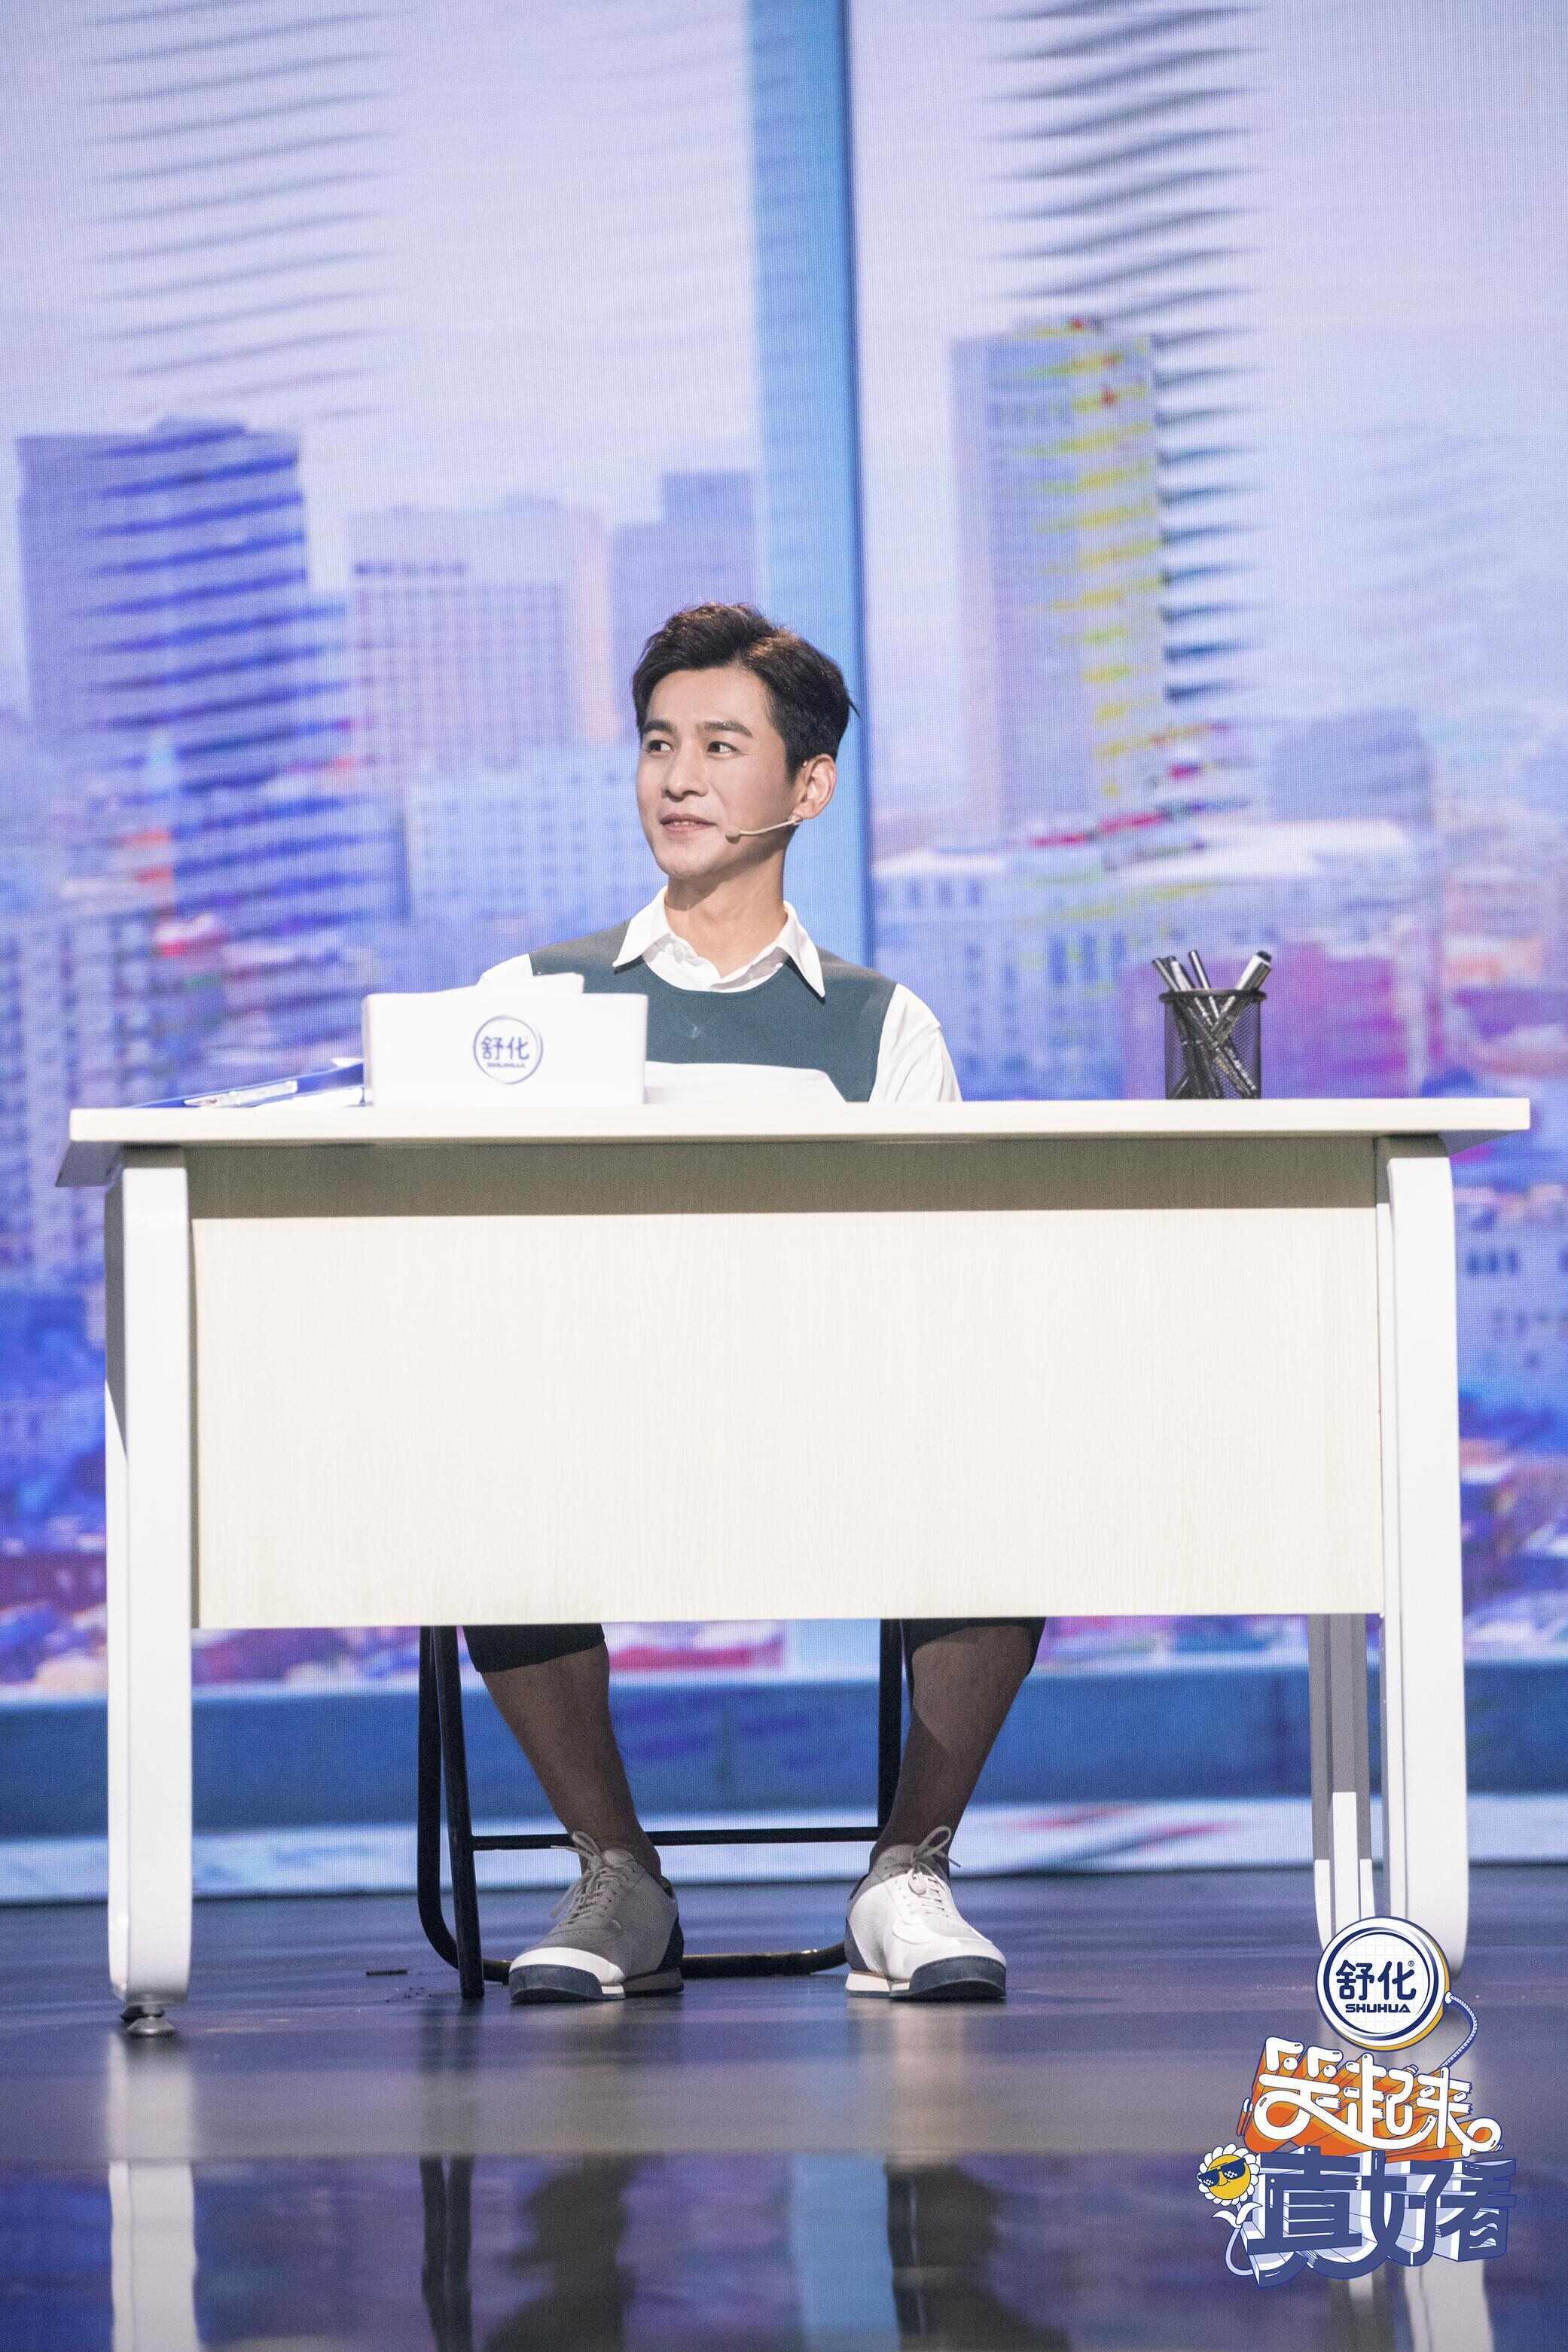 乔振宇喜剧舞台首秀《笑起来真好看》与谢娜相亲尬舞